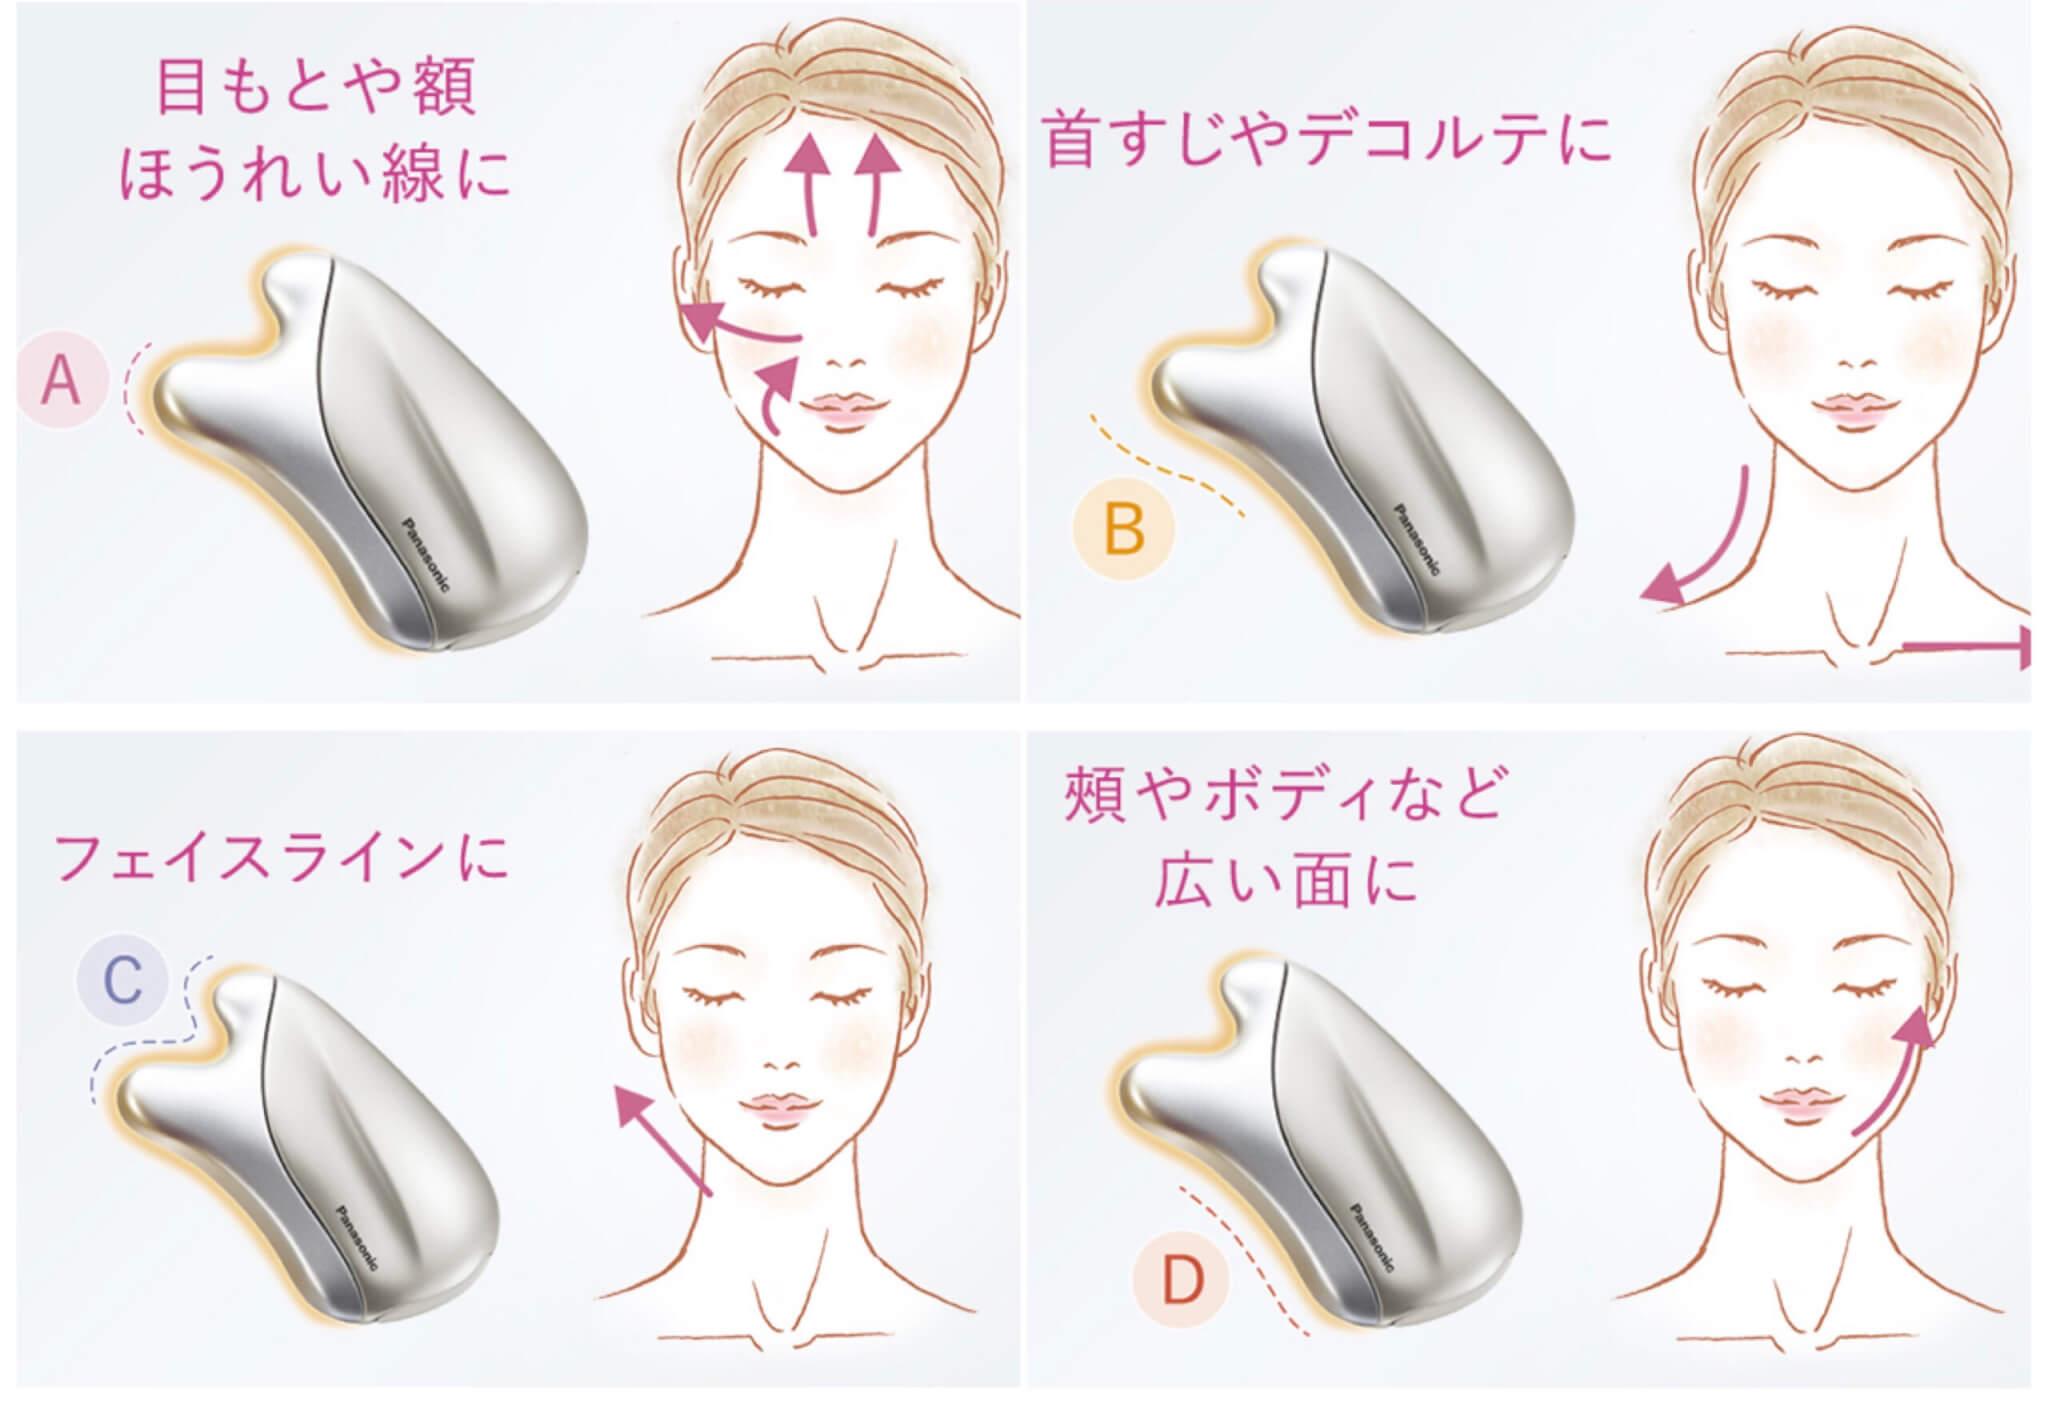 パナソニックのドレナージュ美顔器 温感かっさの特徴 お肌にぴったりフィットするカーブ